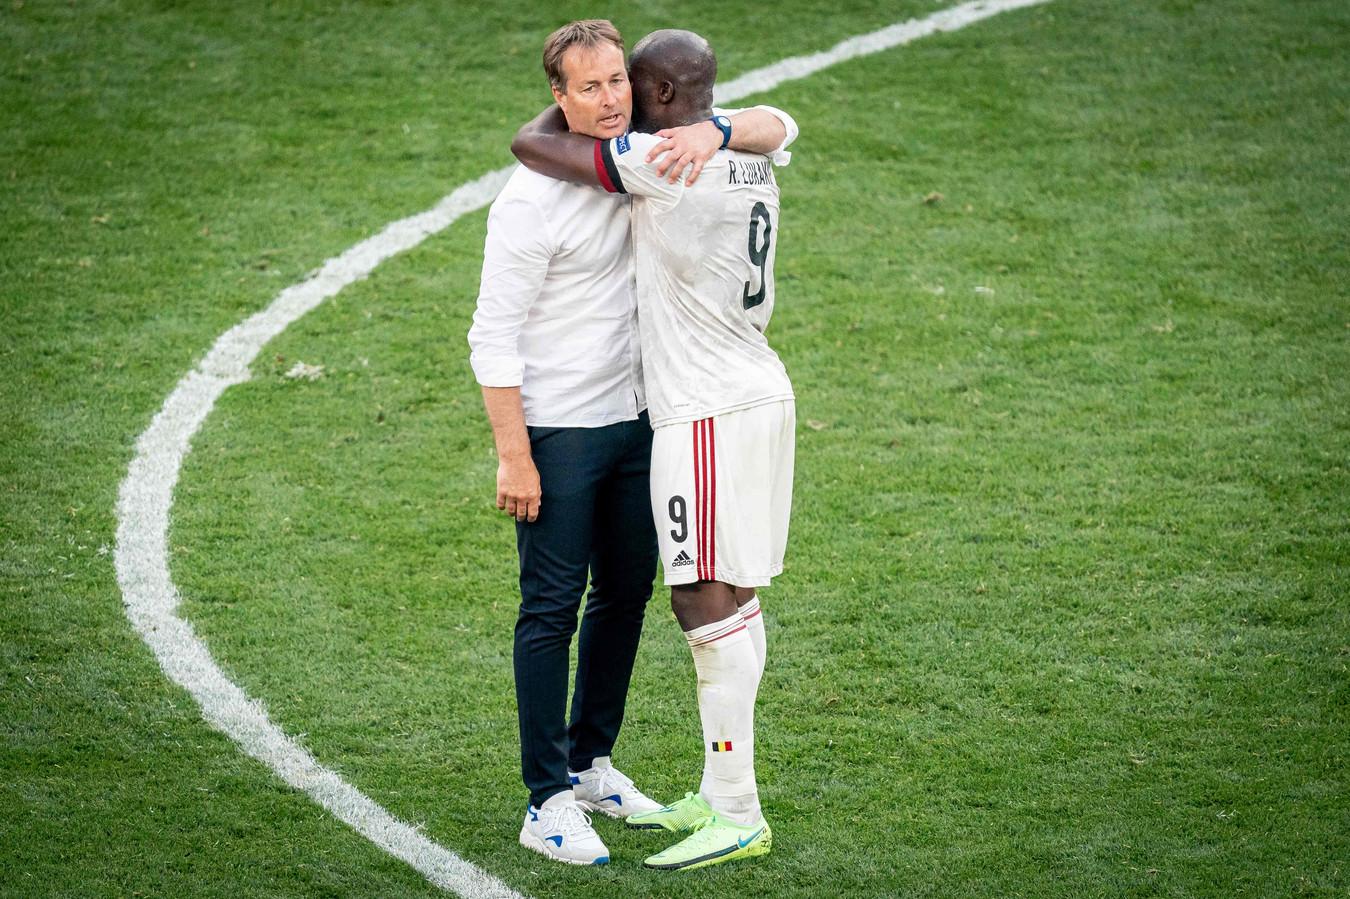 Romelu Lukaku trakteerde Kasper Hjulmand op een welgemeende knuffel na de wedstrijd tussen België en Denemarken.